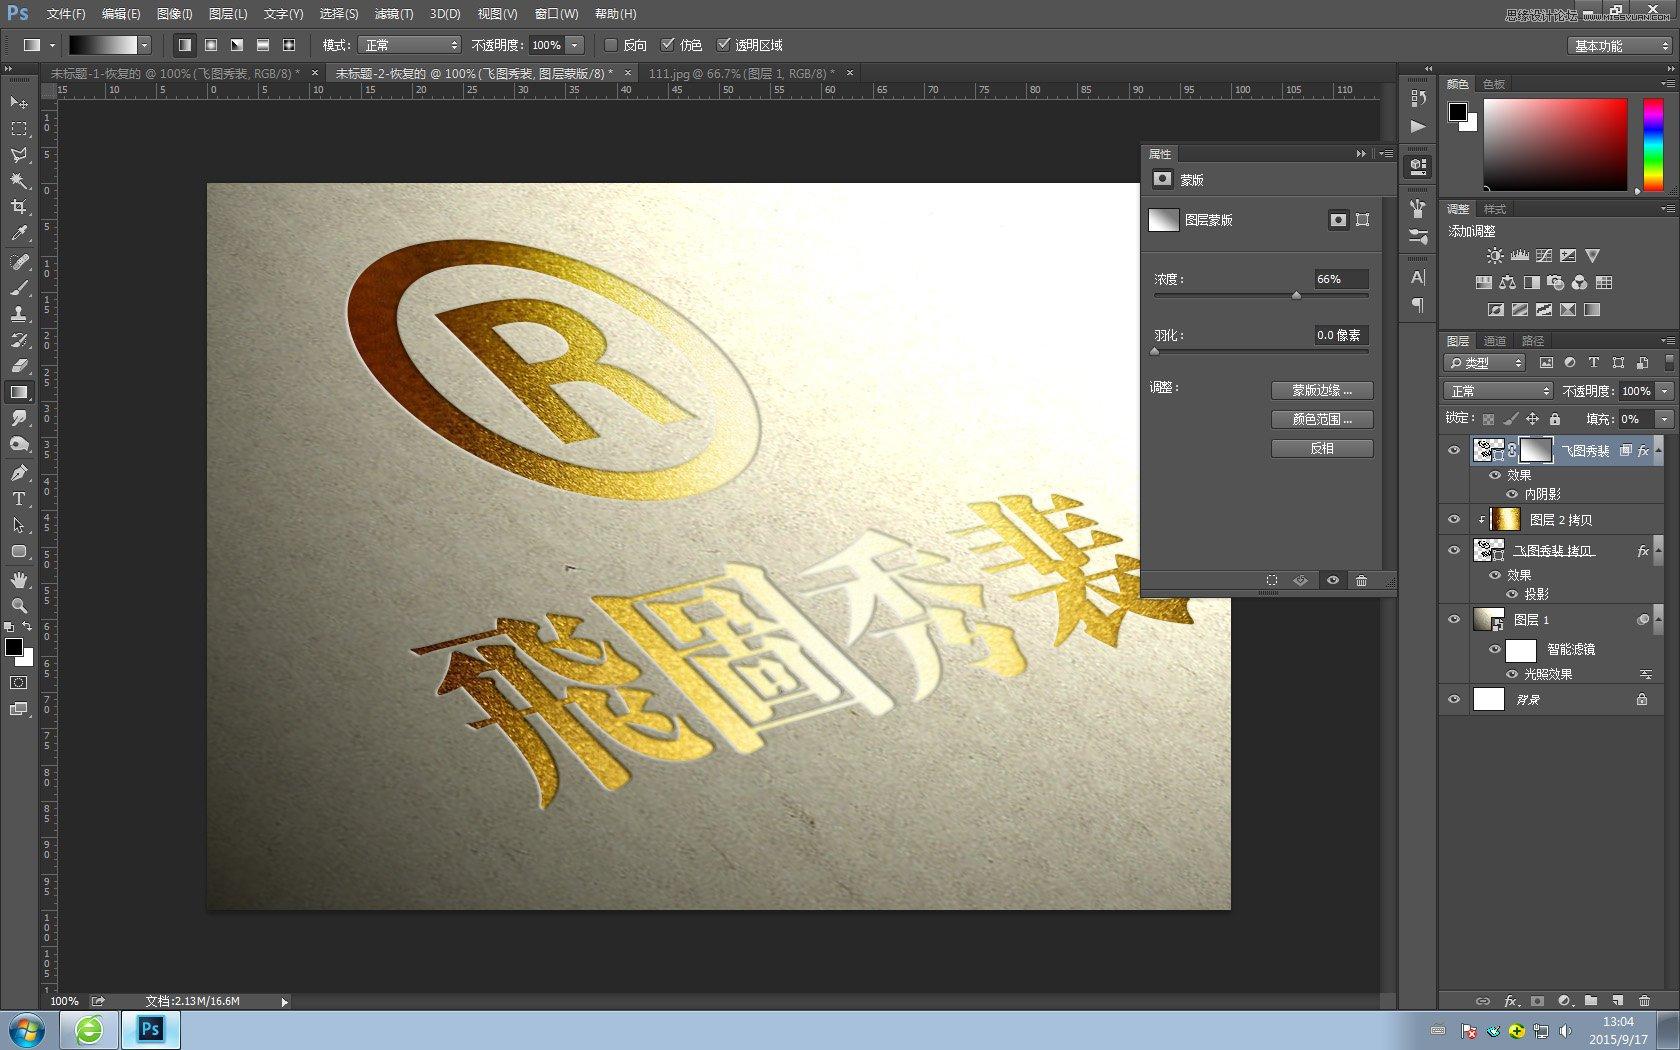 巧用Photoshop制作金色质感的烫金字教程